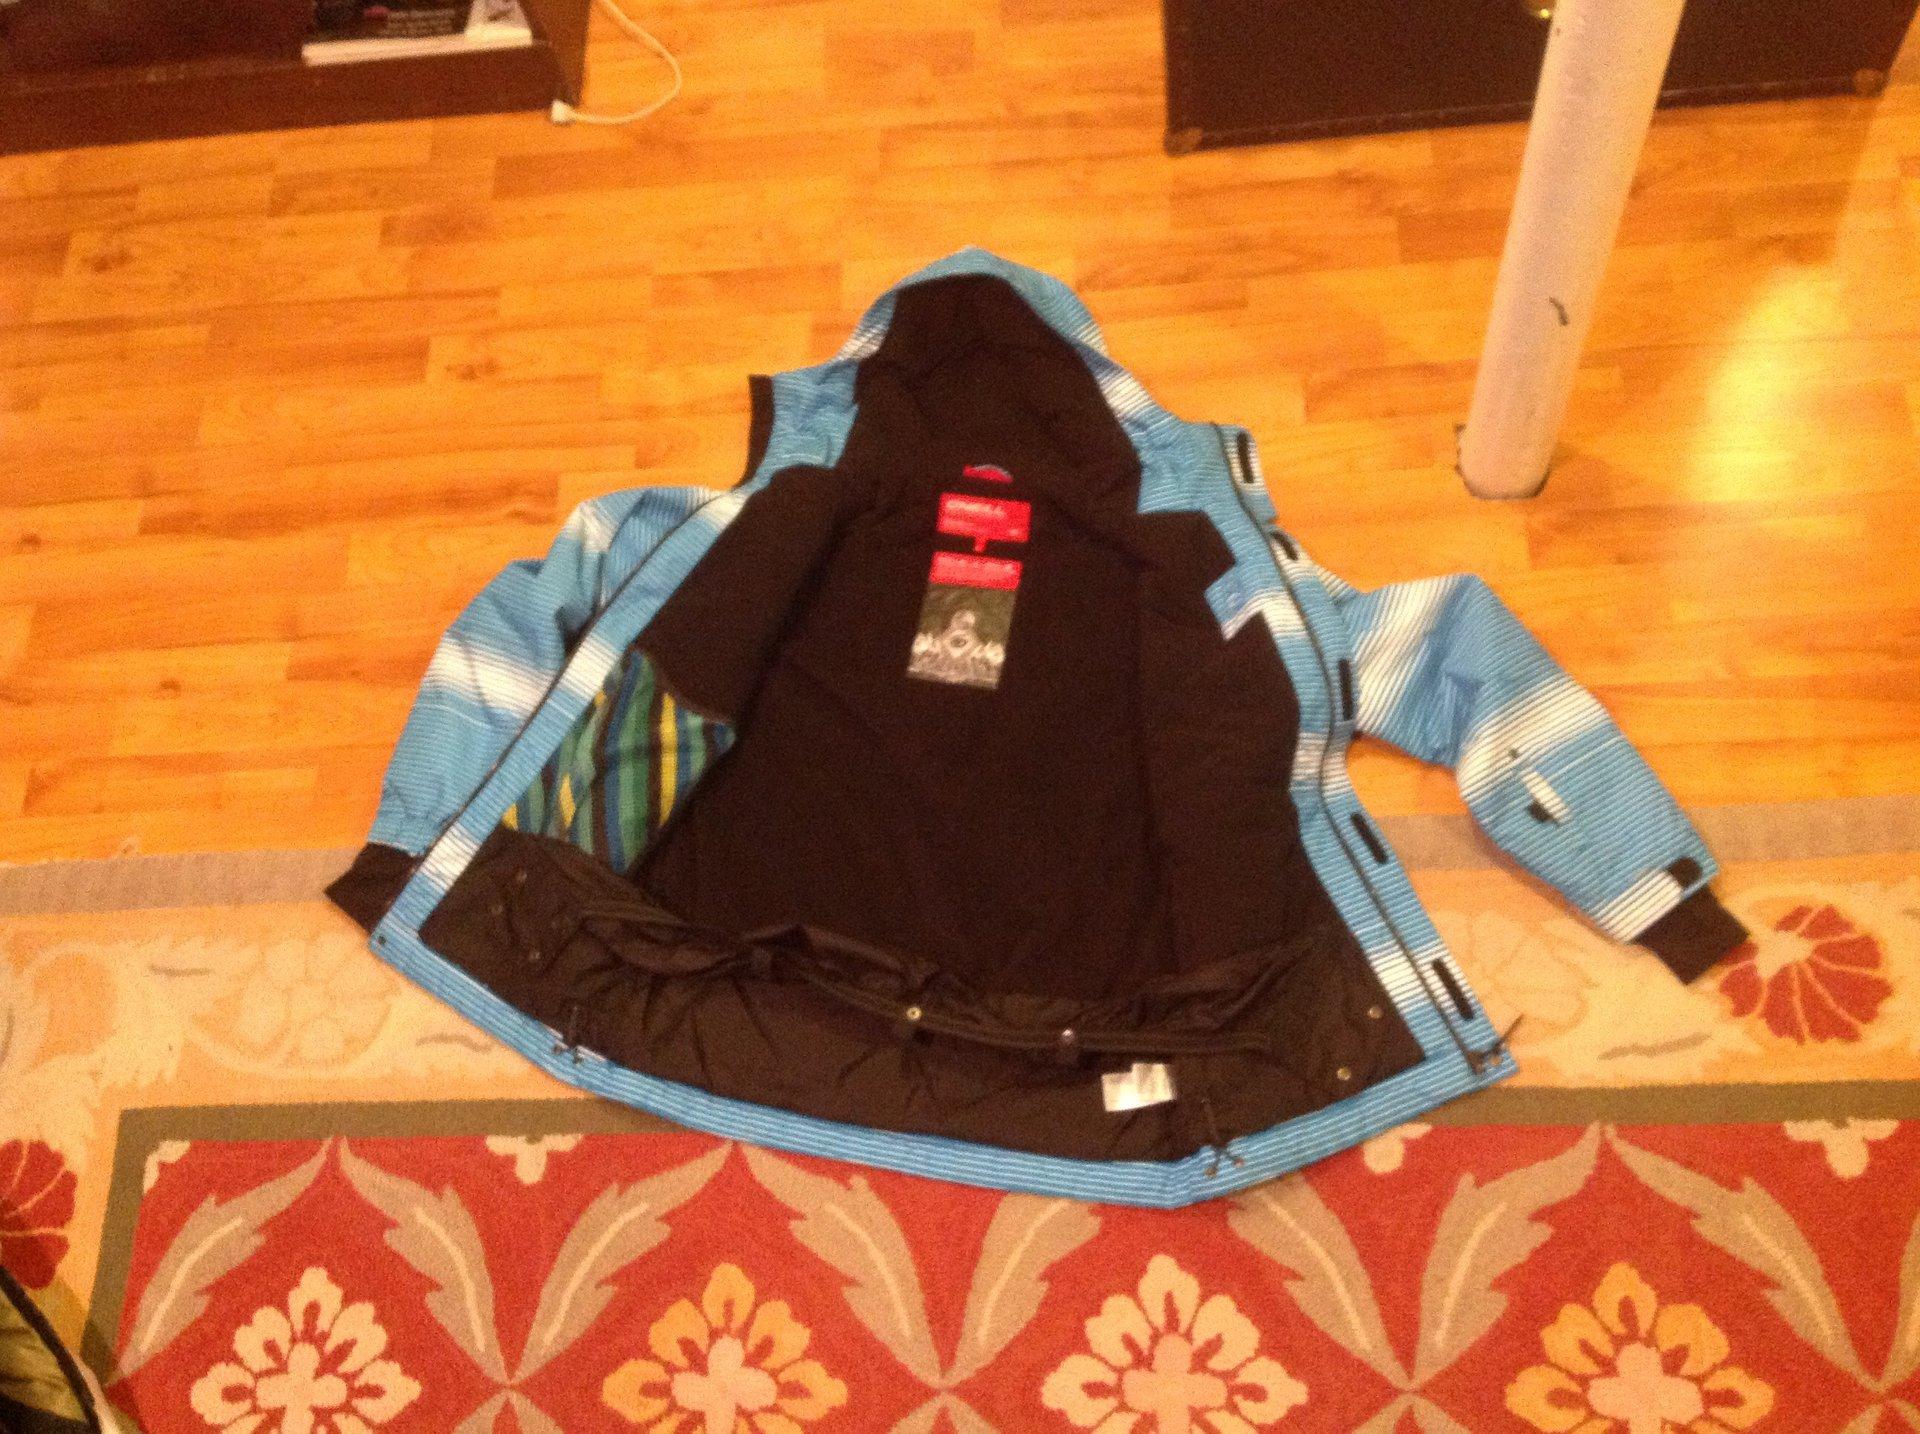 O'Neill jacket inside